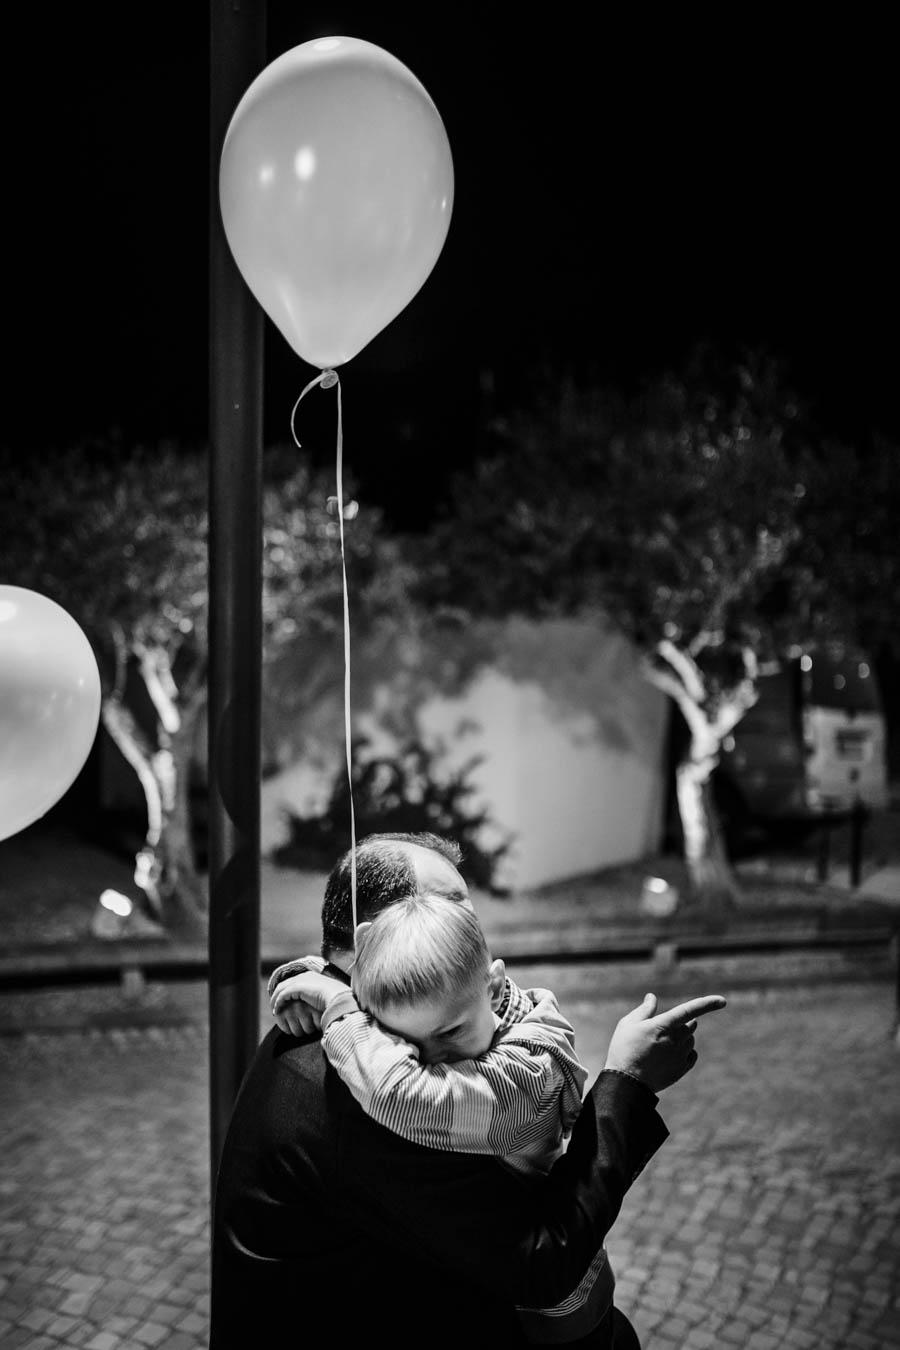 casamento aldeia de pedralva menino abraça pai com balão na mão